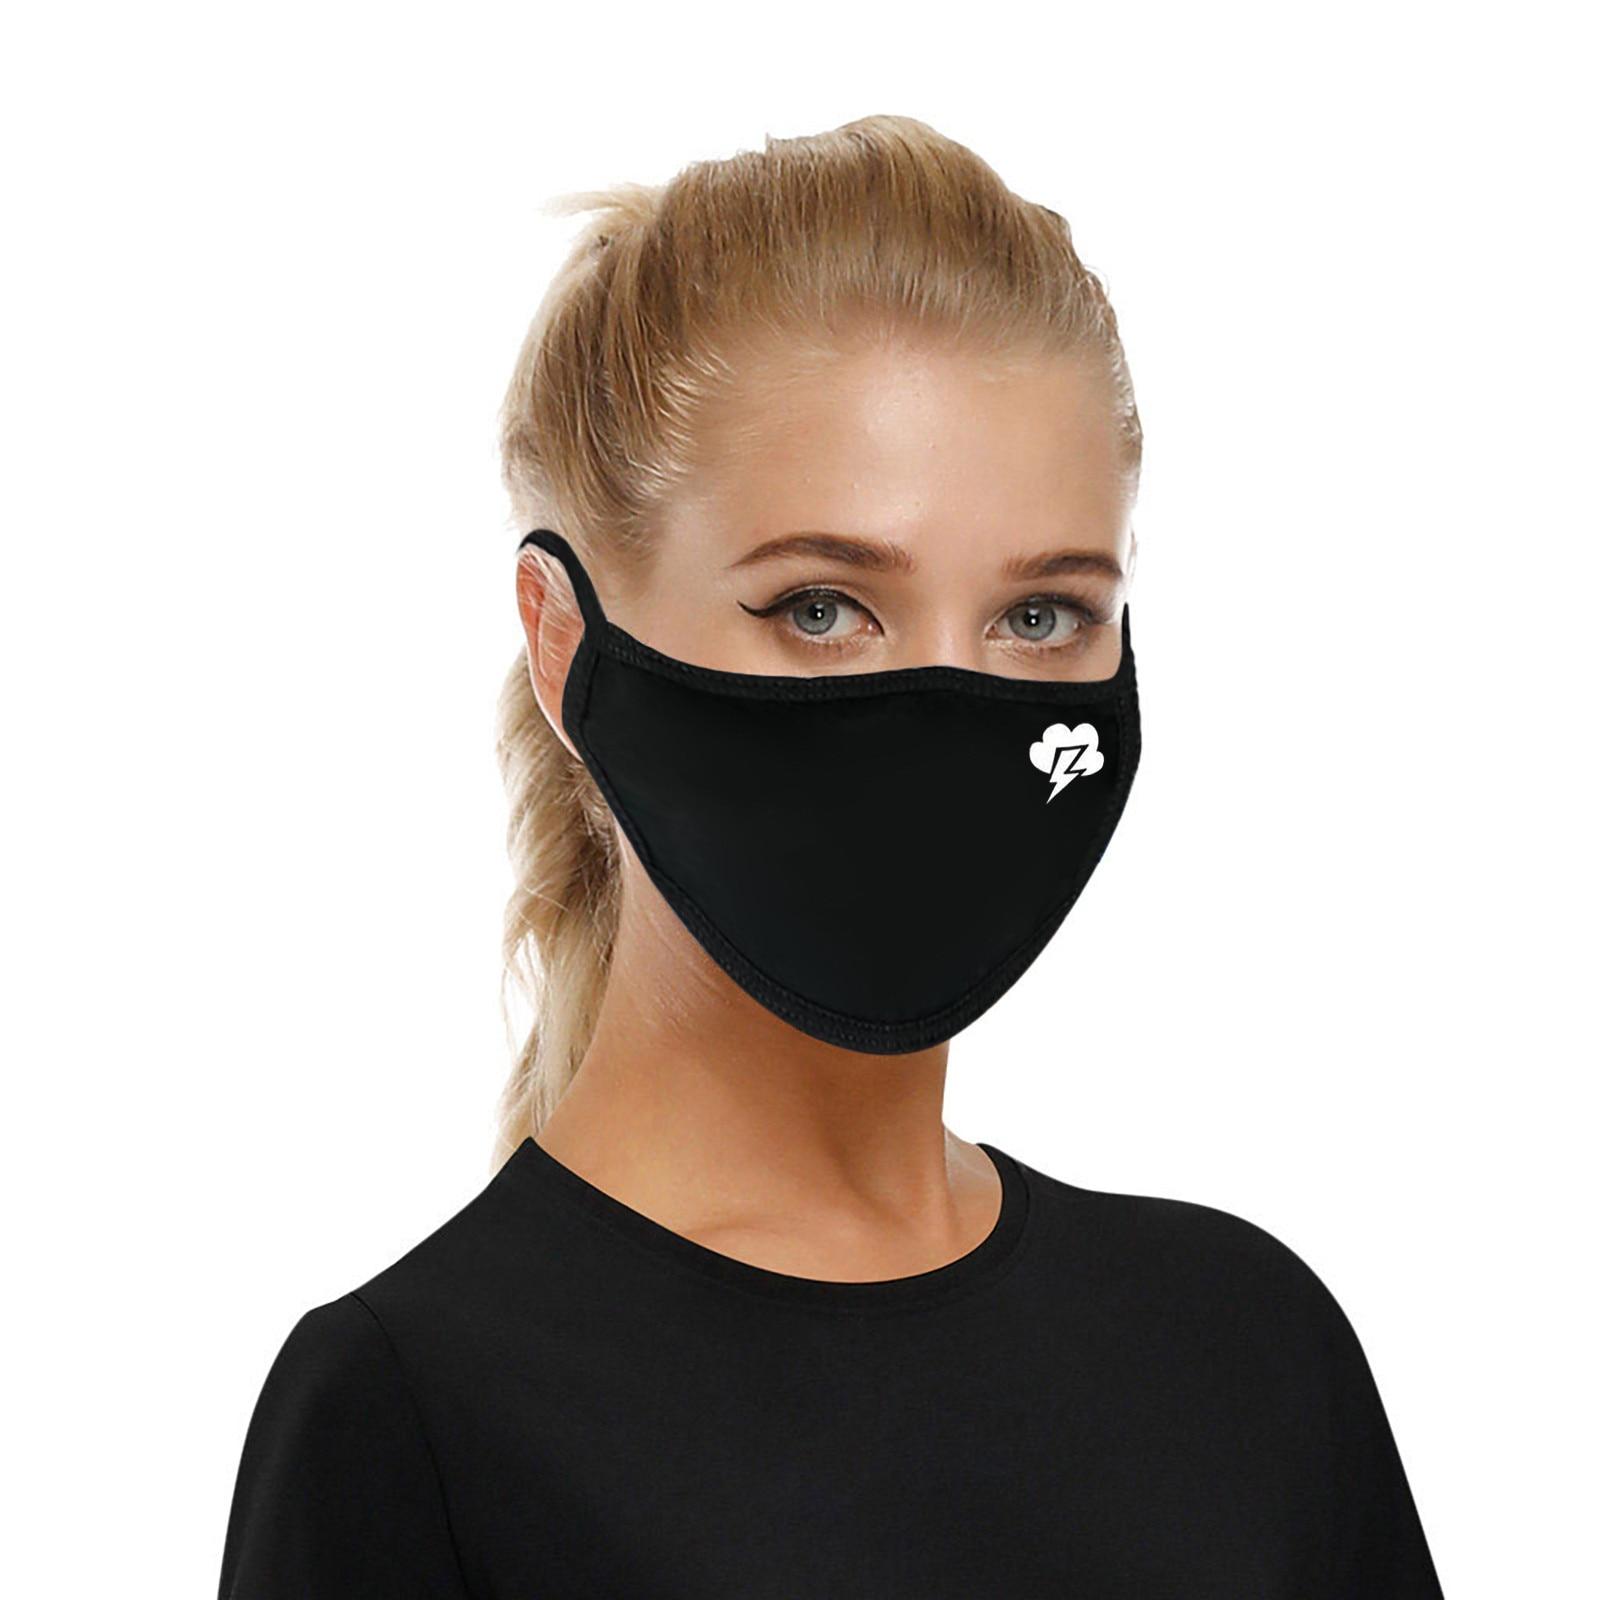 Maska ze wzorem burzowym.